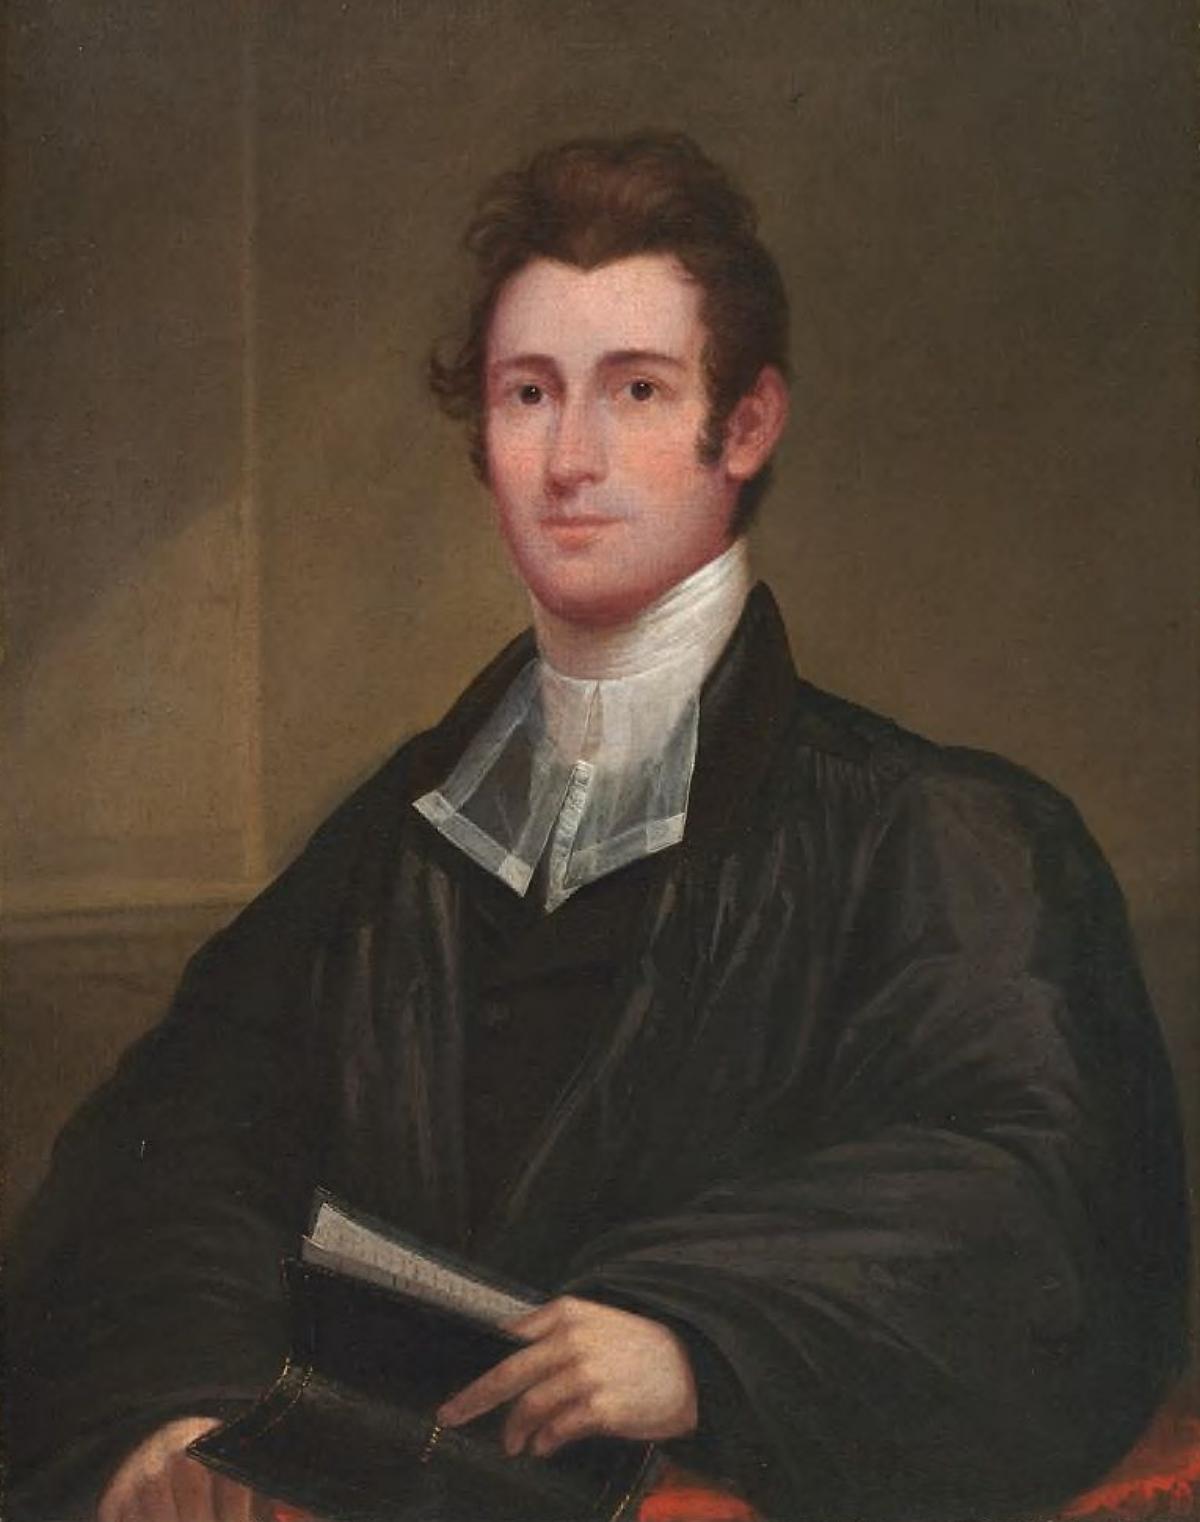 Reverend Samuel Gilman 1820s